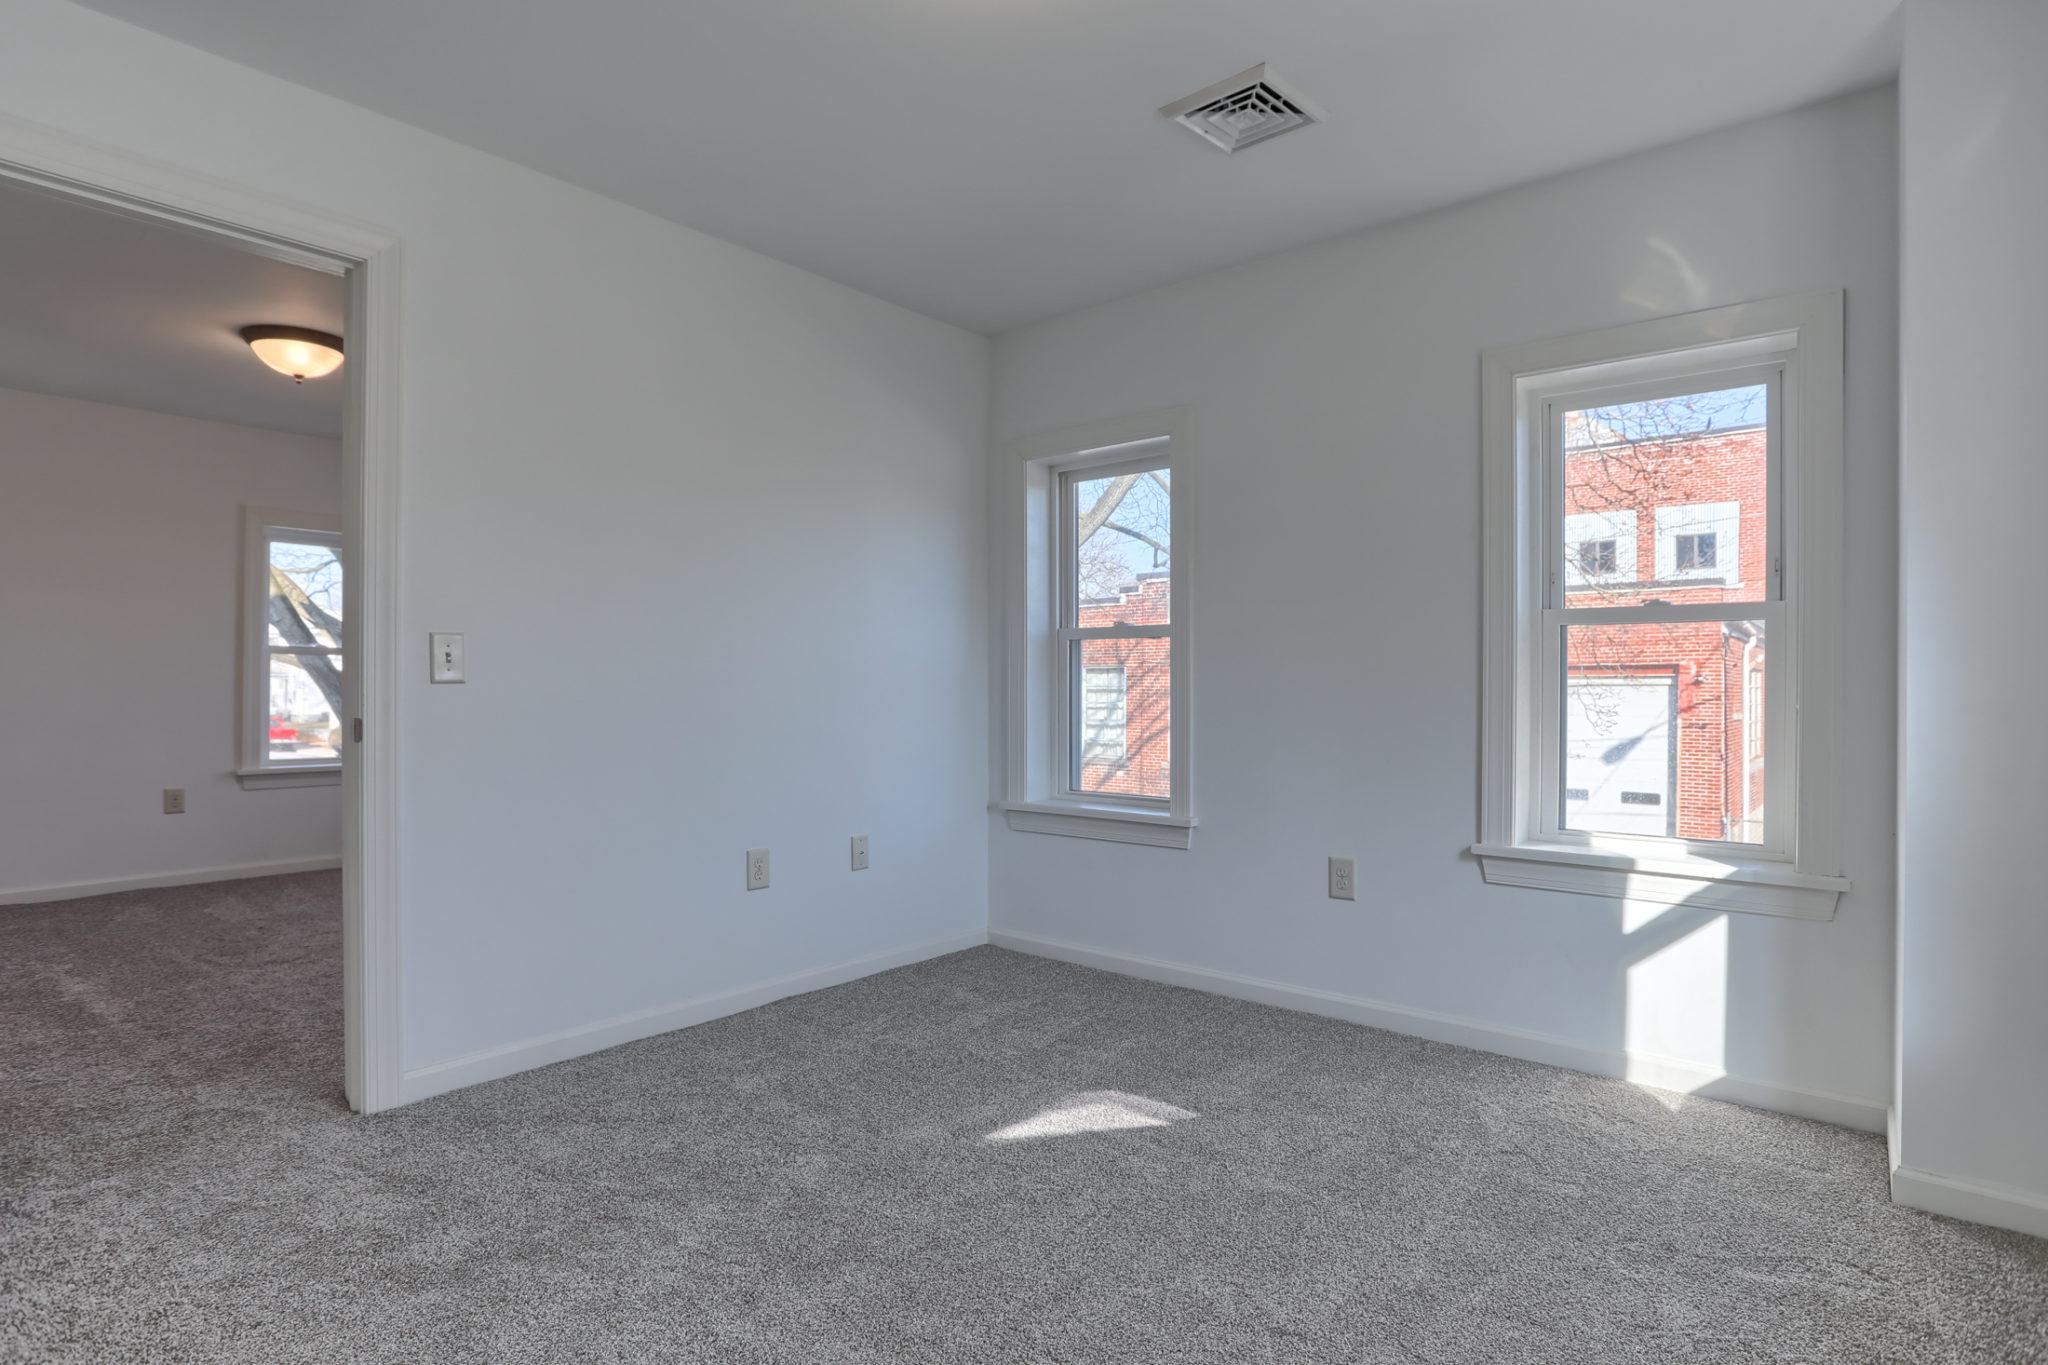 12 E. Center Ave. - Bedroom 3a